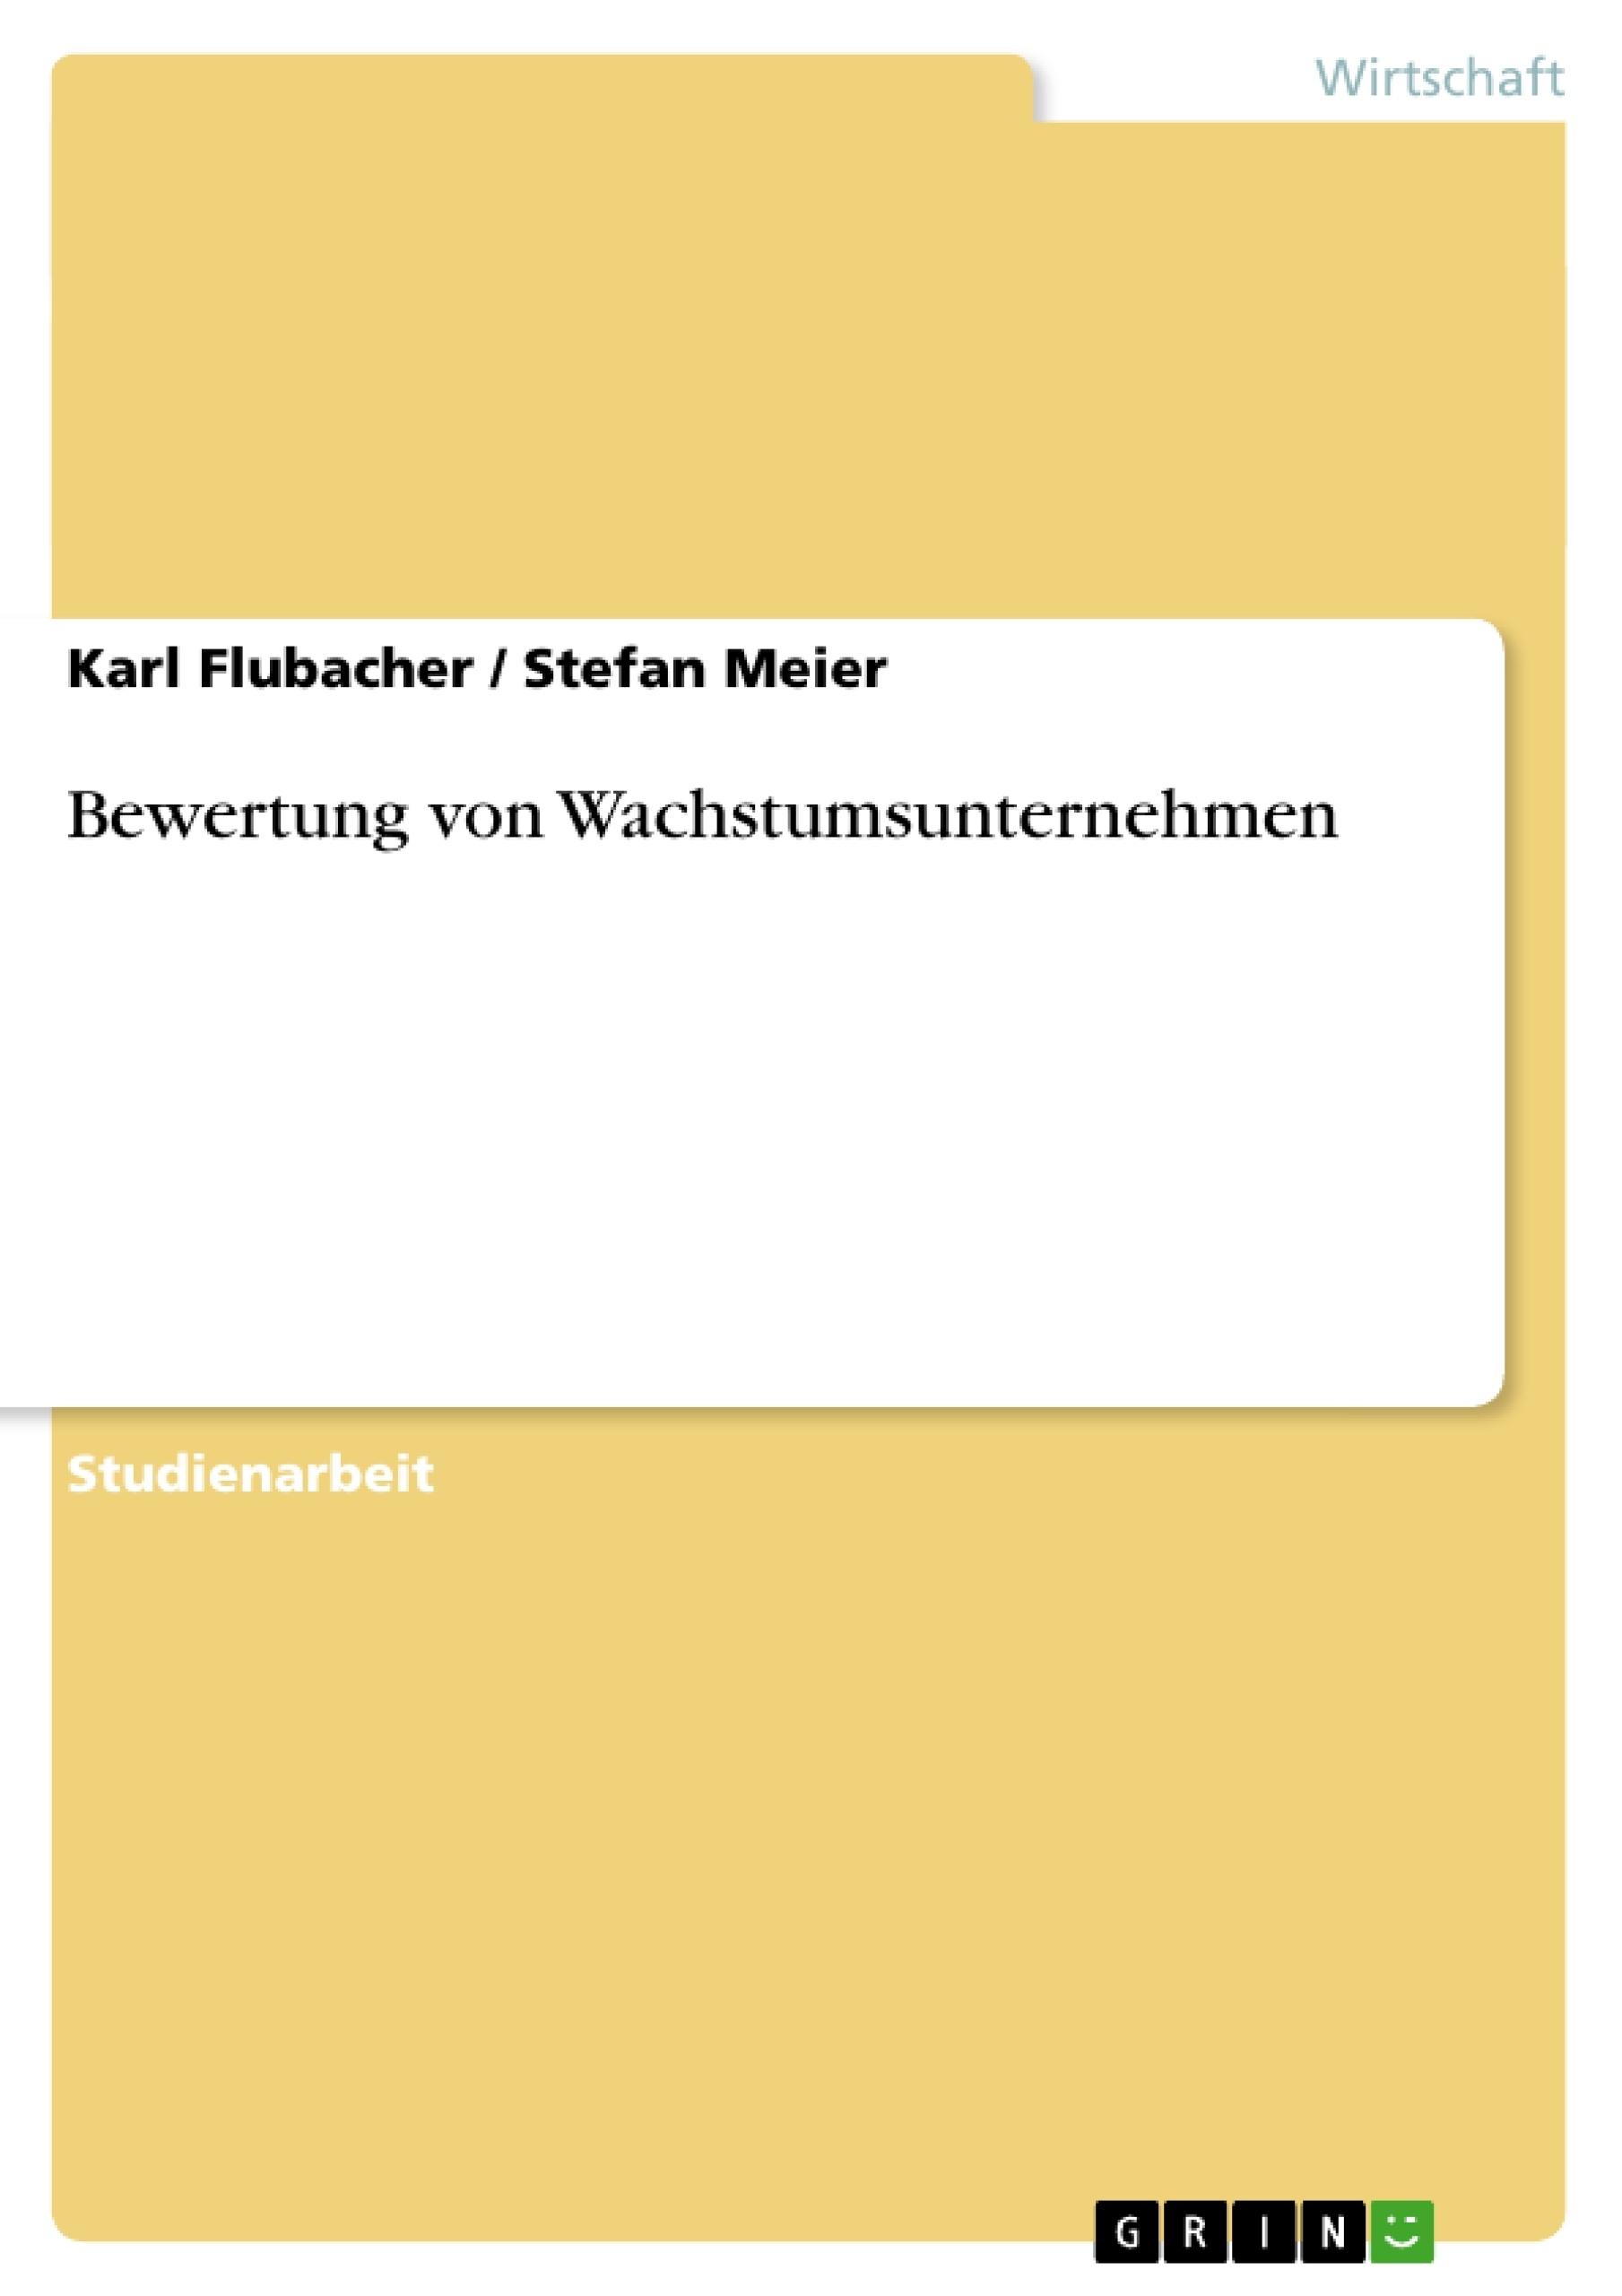 Titel: Bewertung von Wachstumsunternehmen